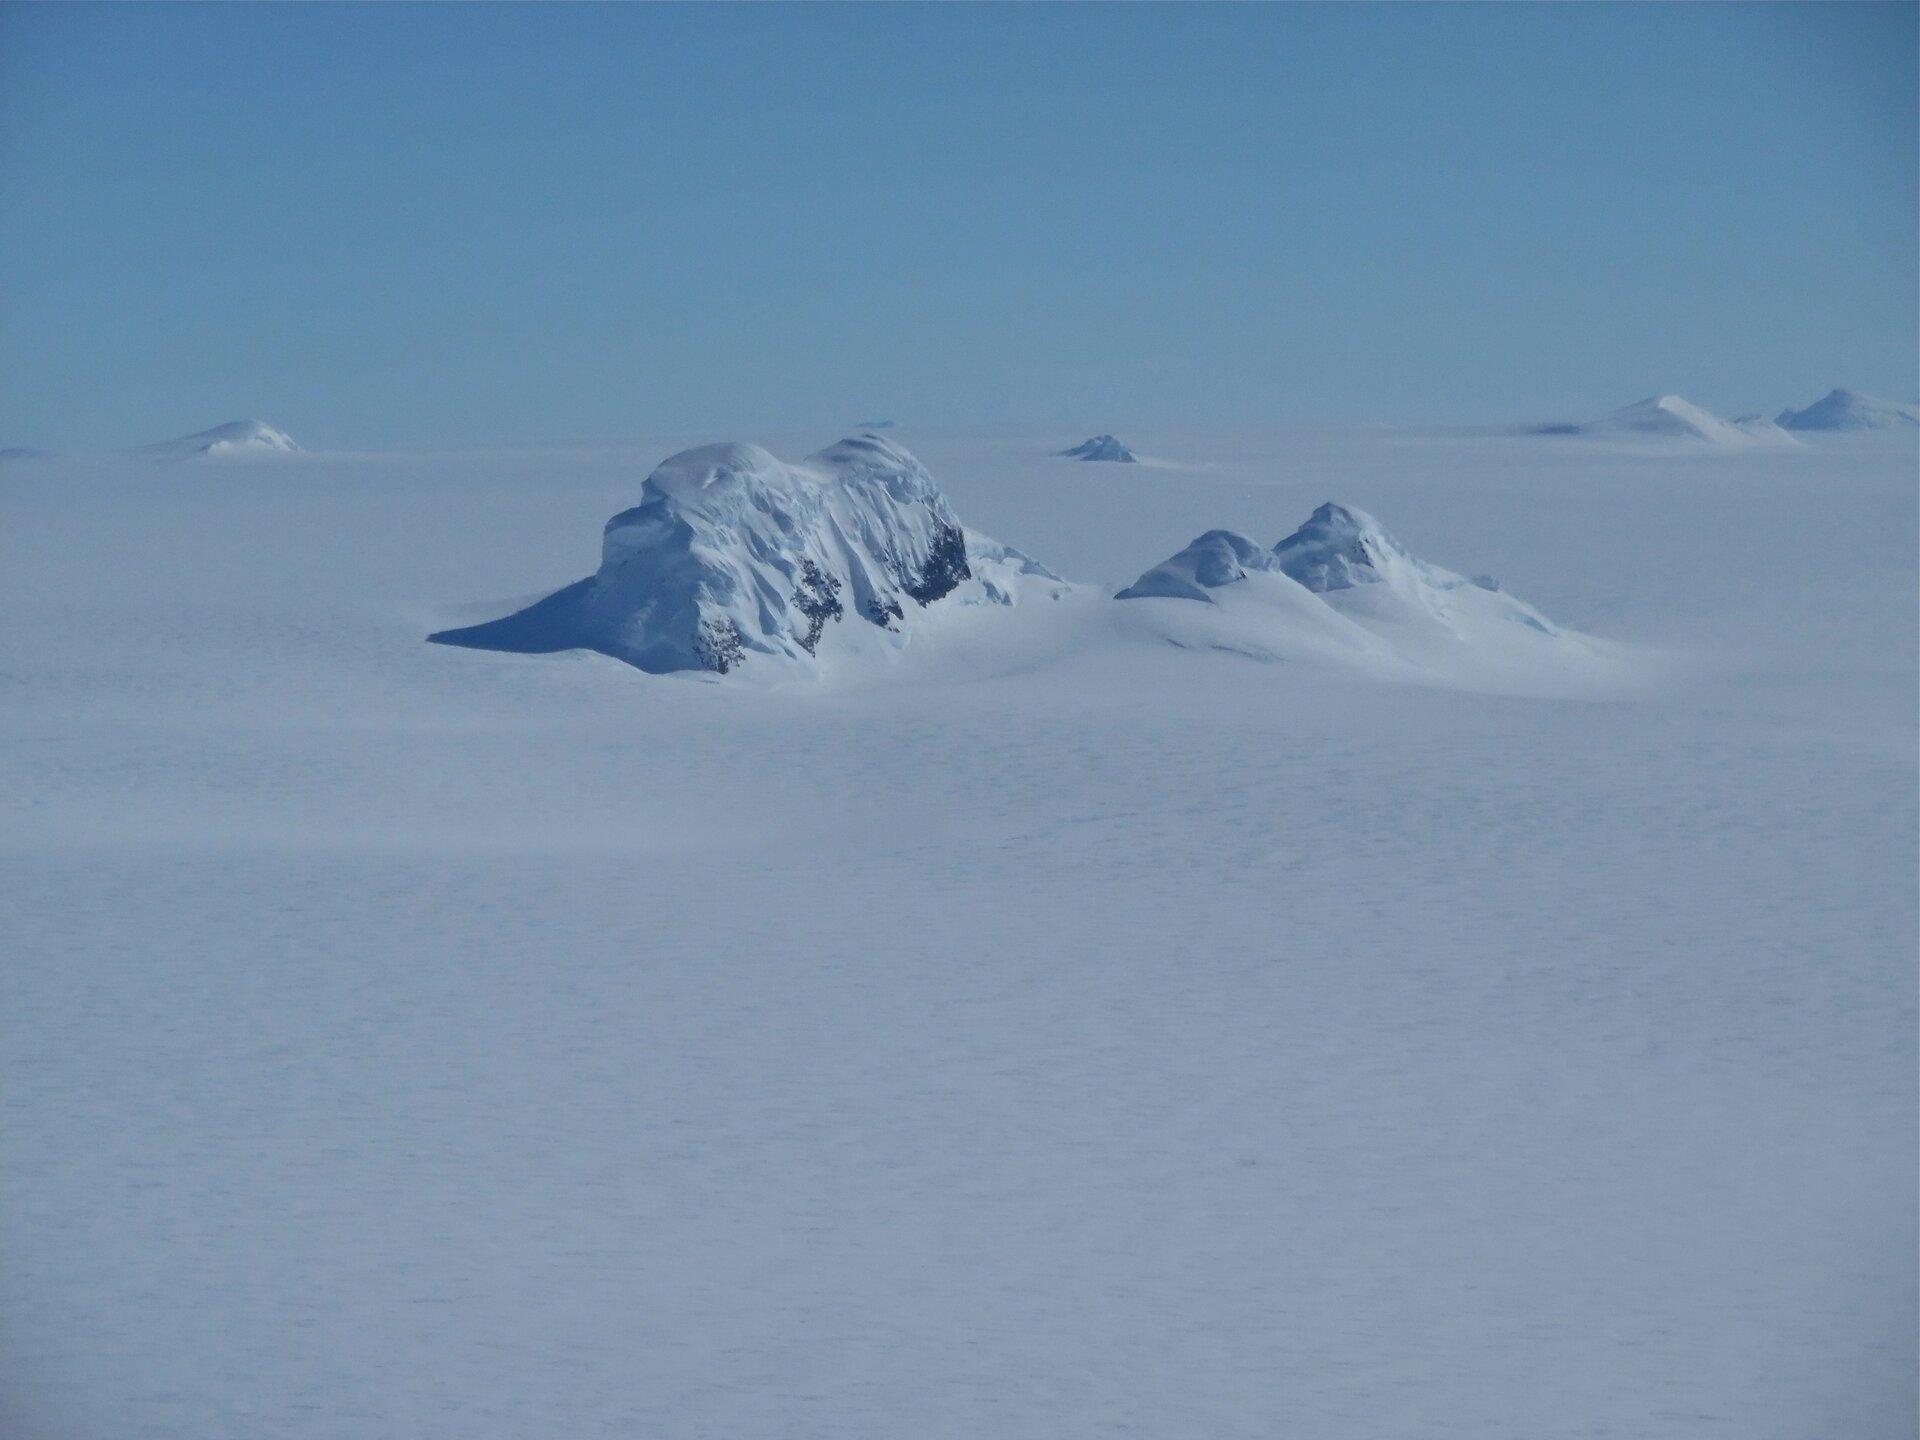 Na zdjęciu ośnieżone skaliste szczyty wystające ponad powierzchnię lądolodu.